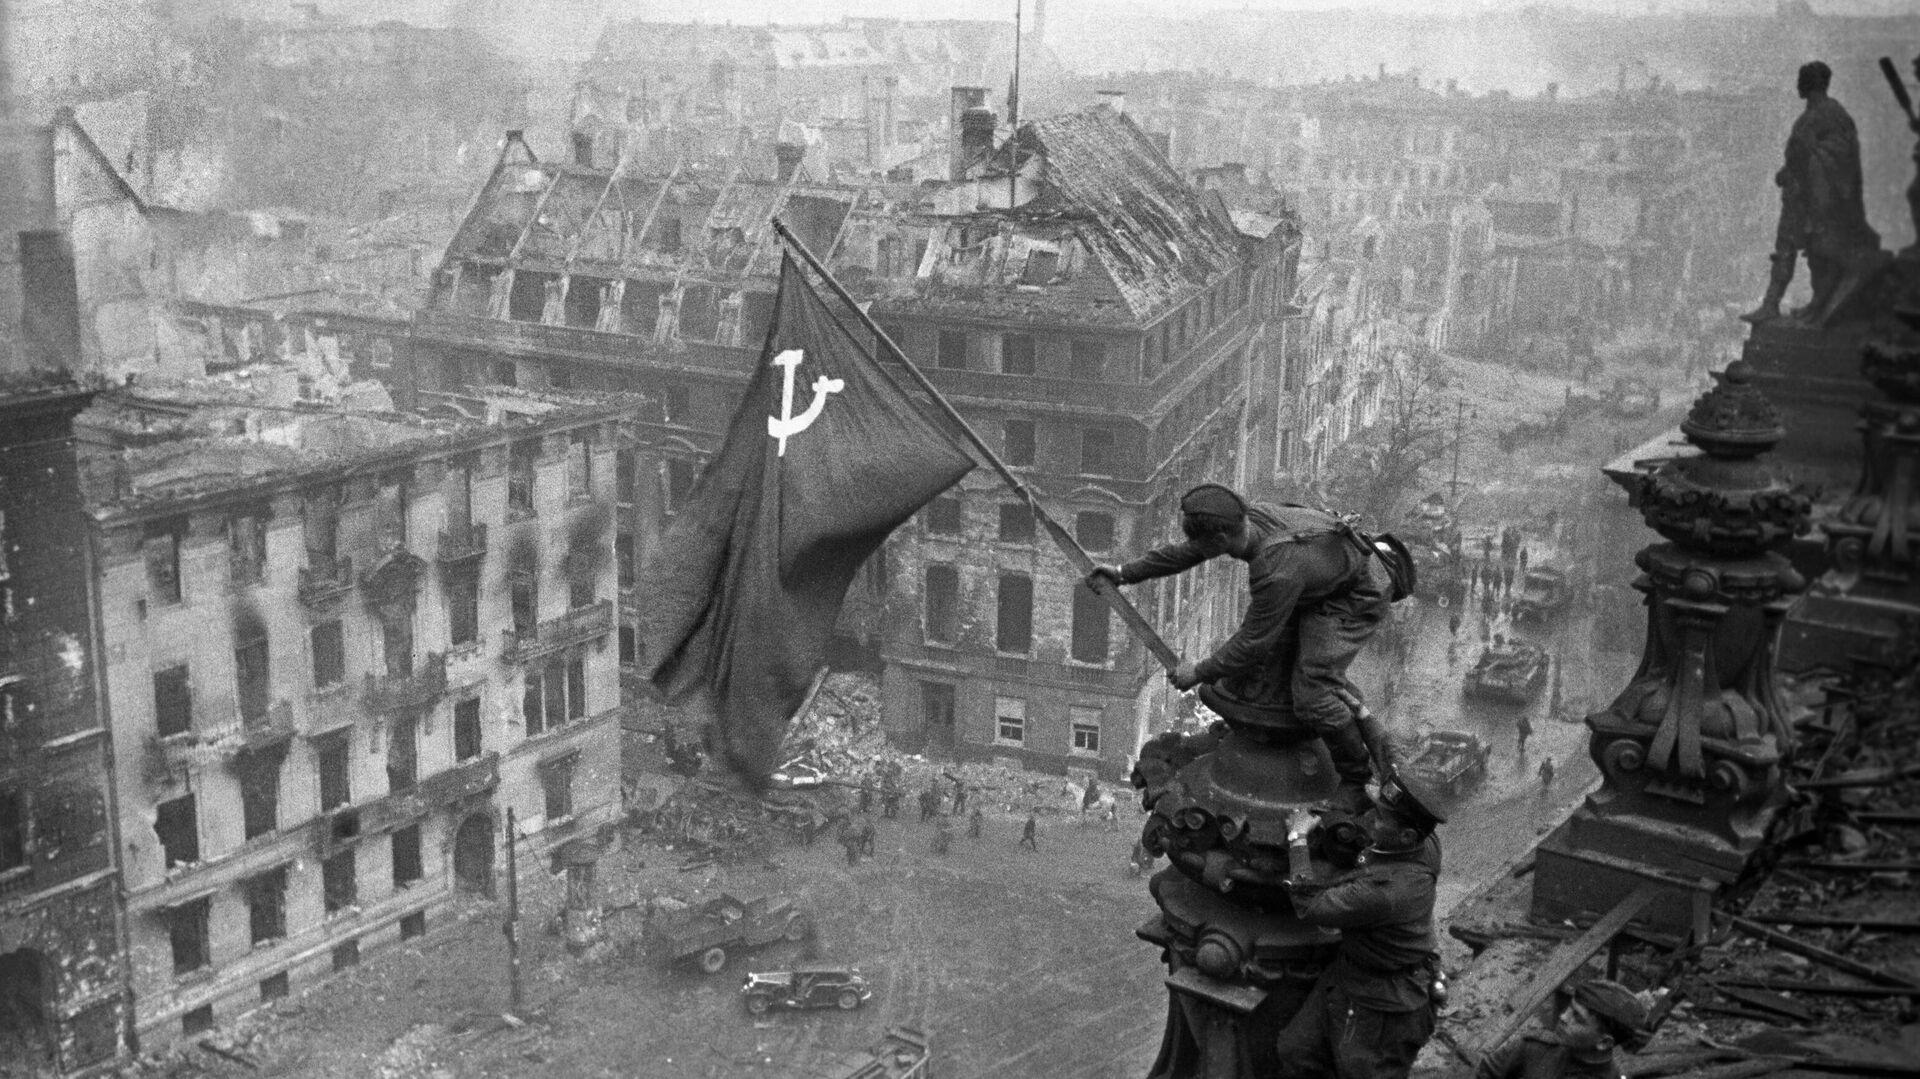 Знамя Победы на здании Рейхстага в Берлине - РИА Новости, 1920, 02.05.2020